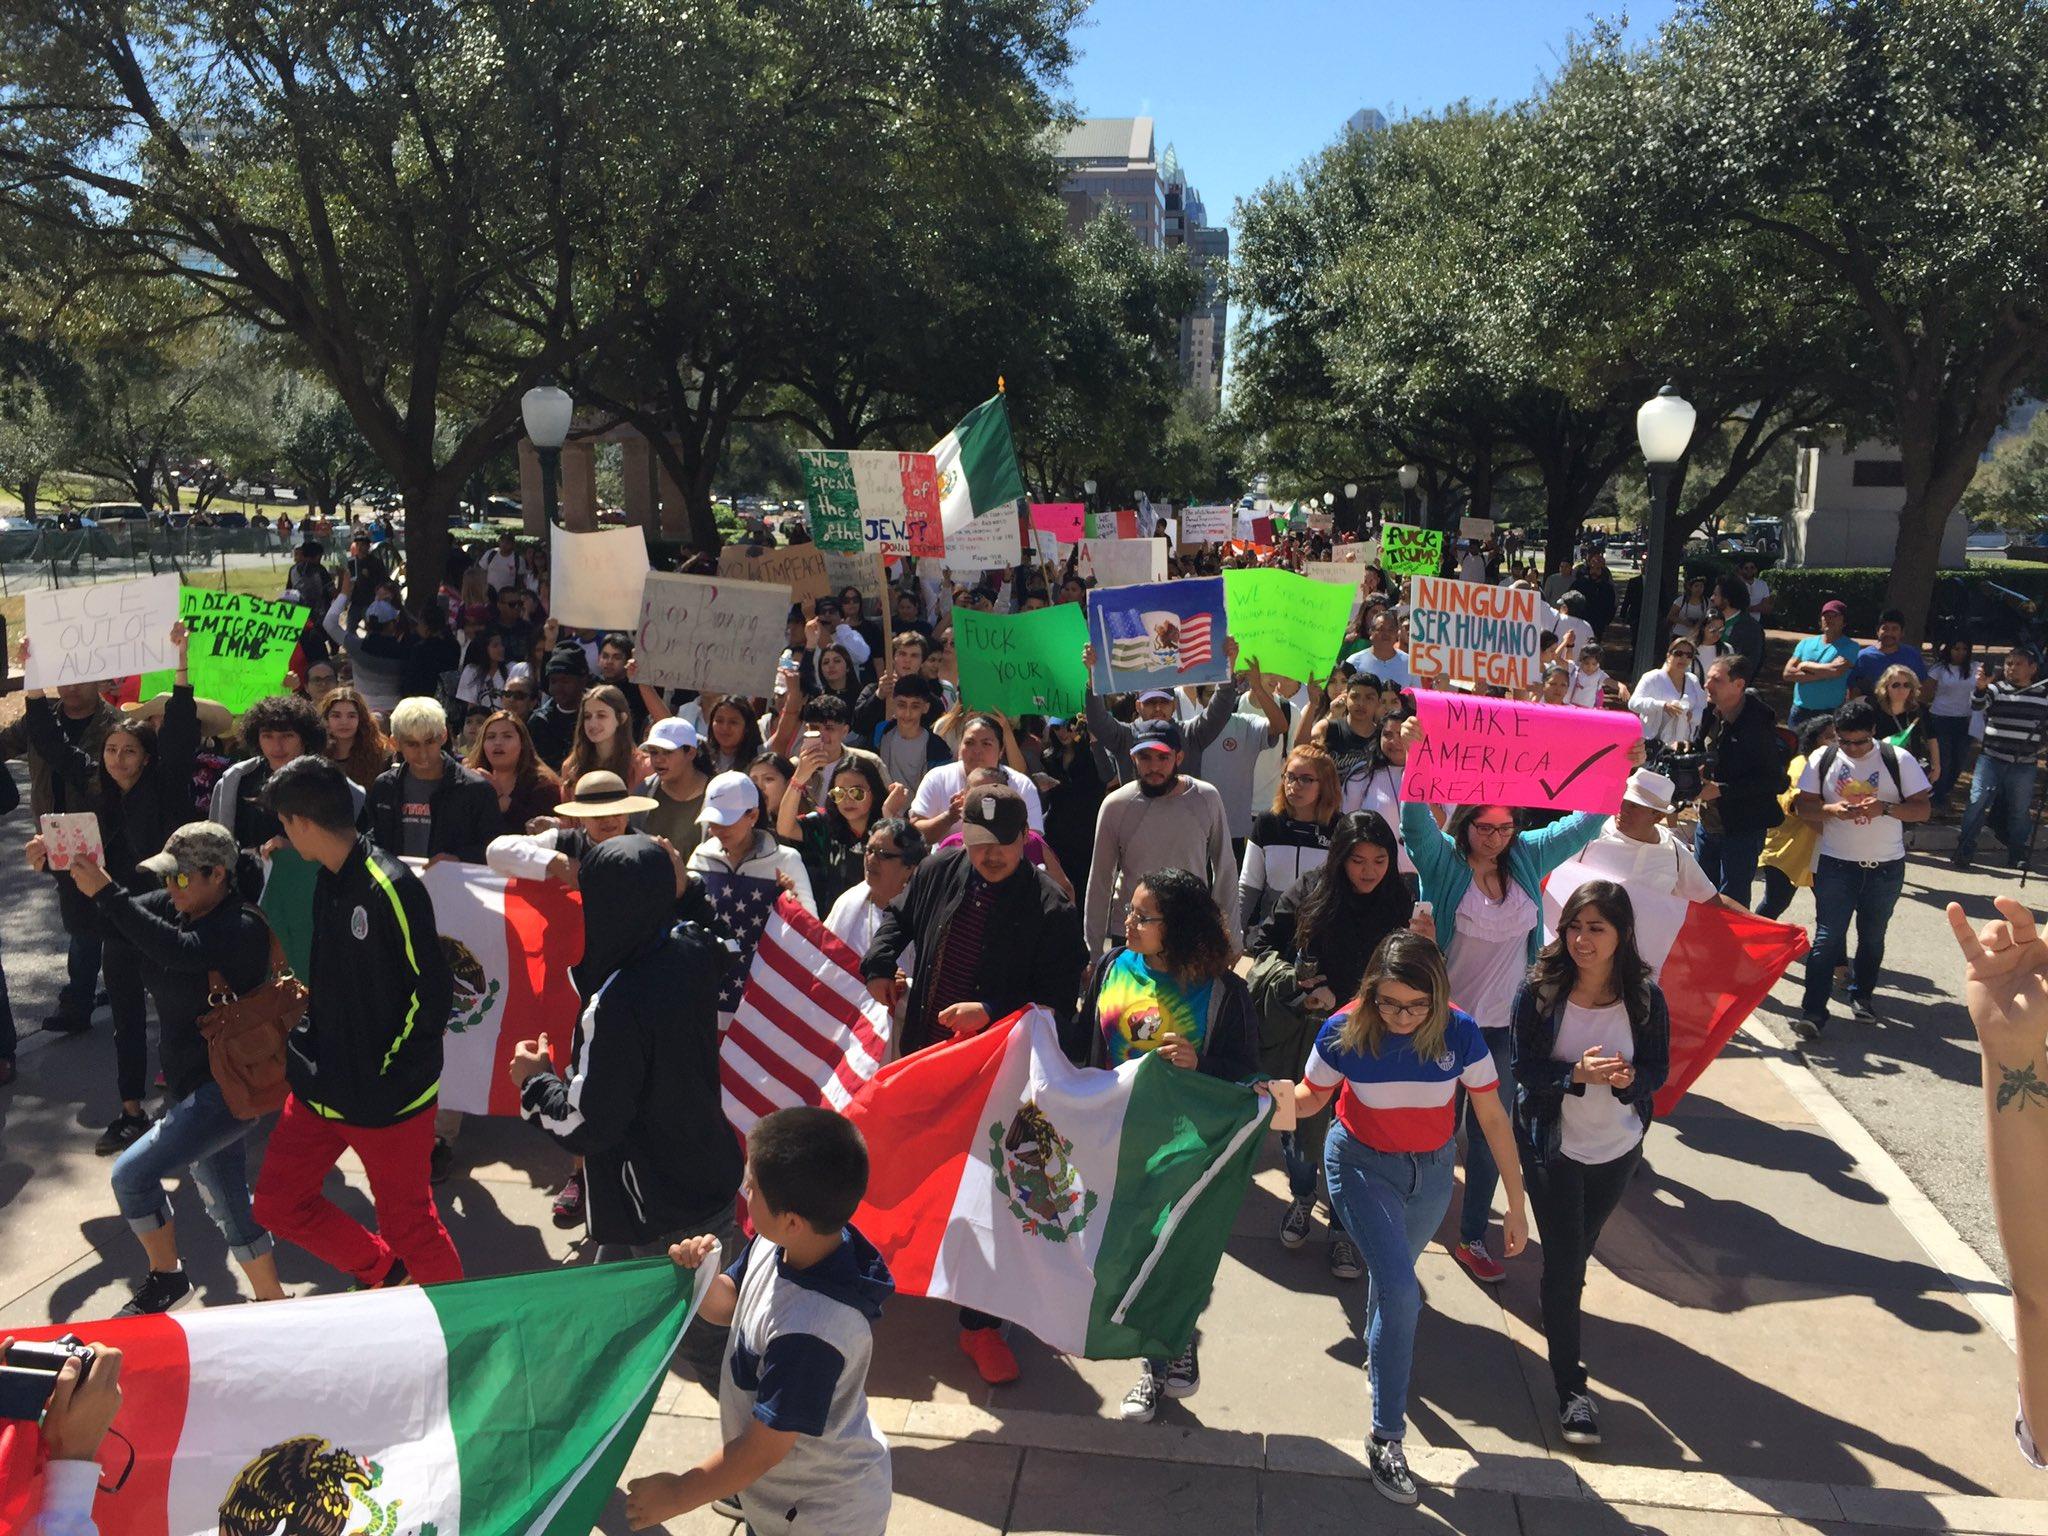 austin_texas_protest.jpg